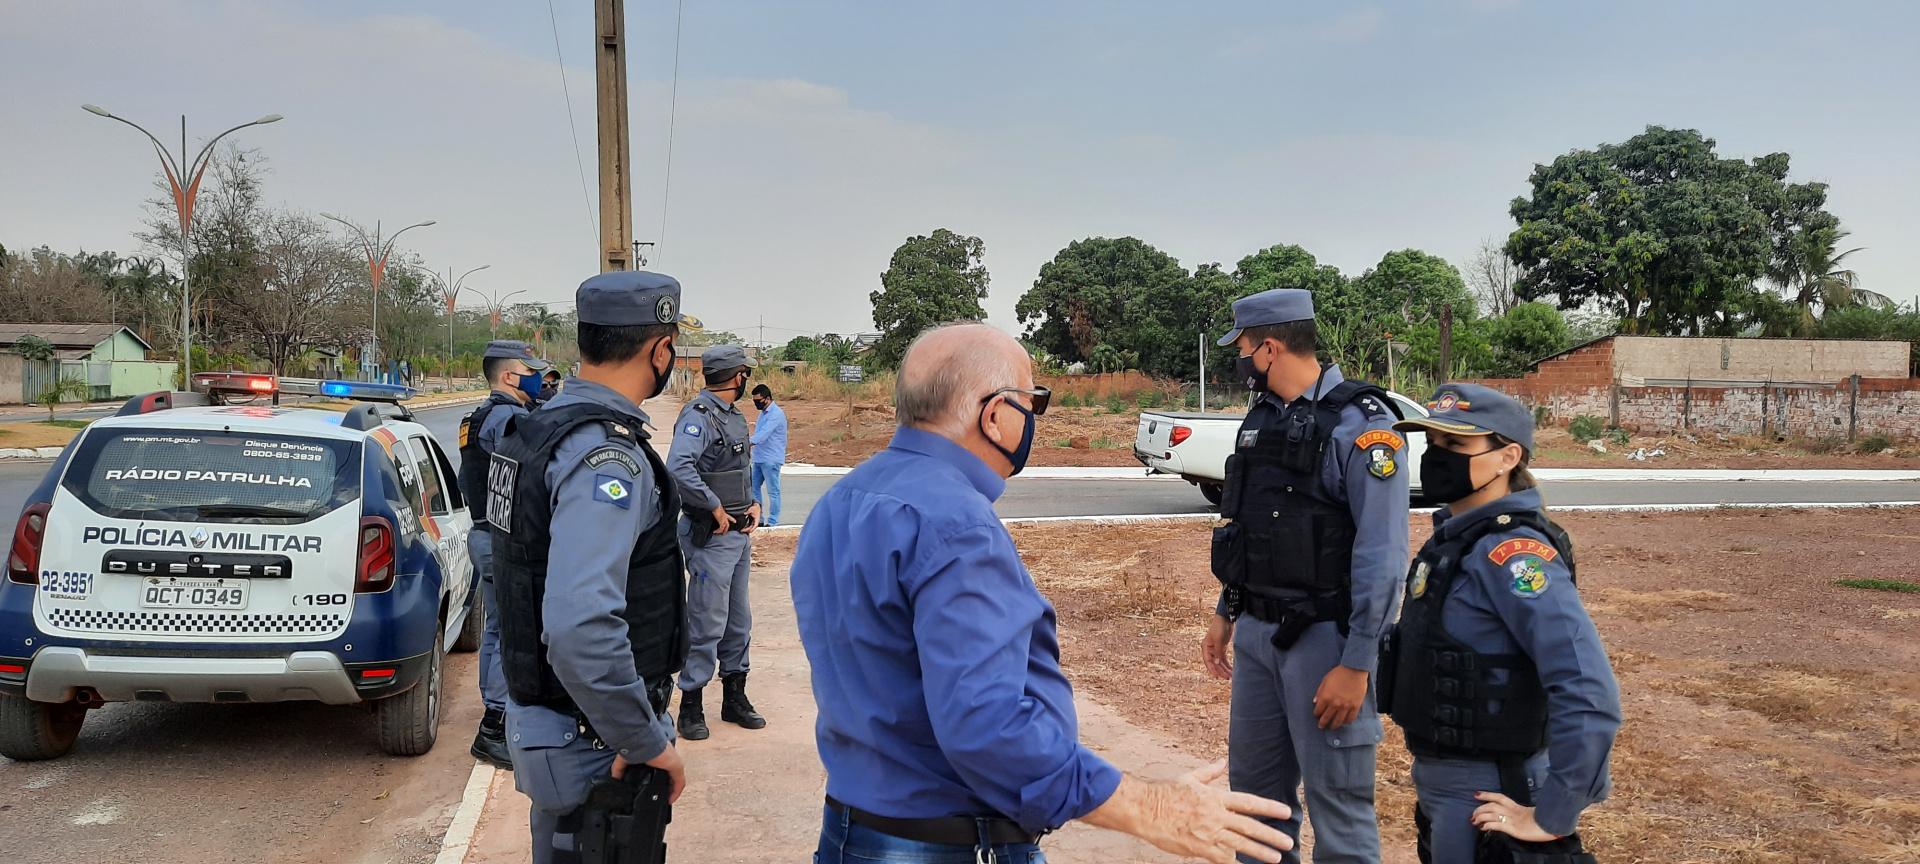 Comandante do CR2 realizou visita técnica em Nobres